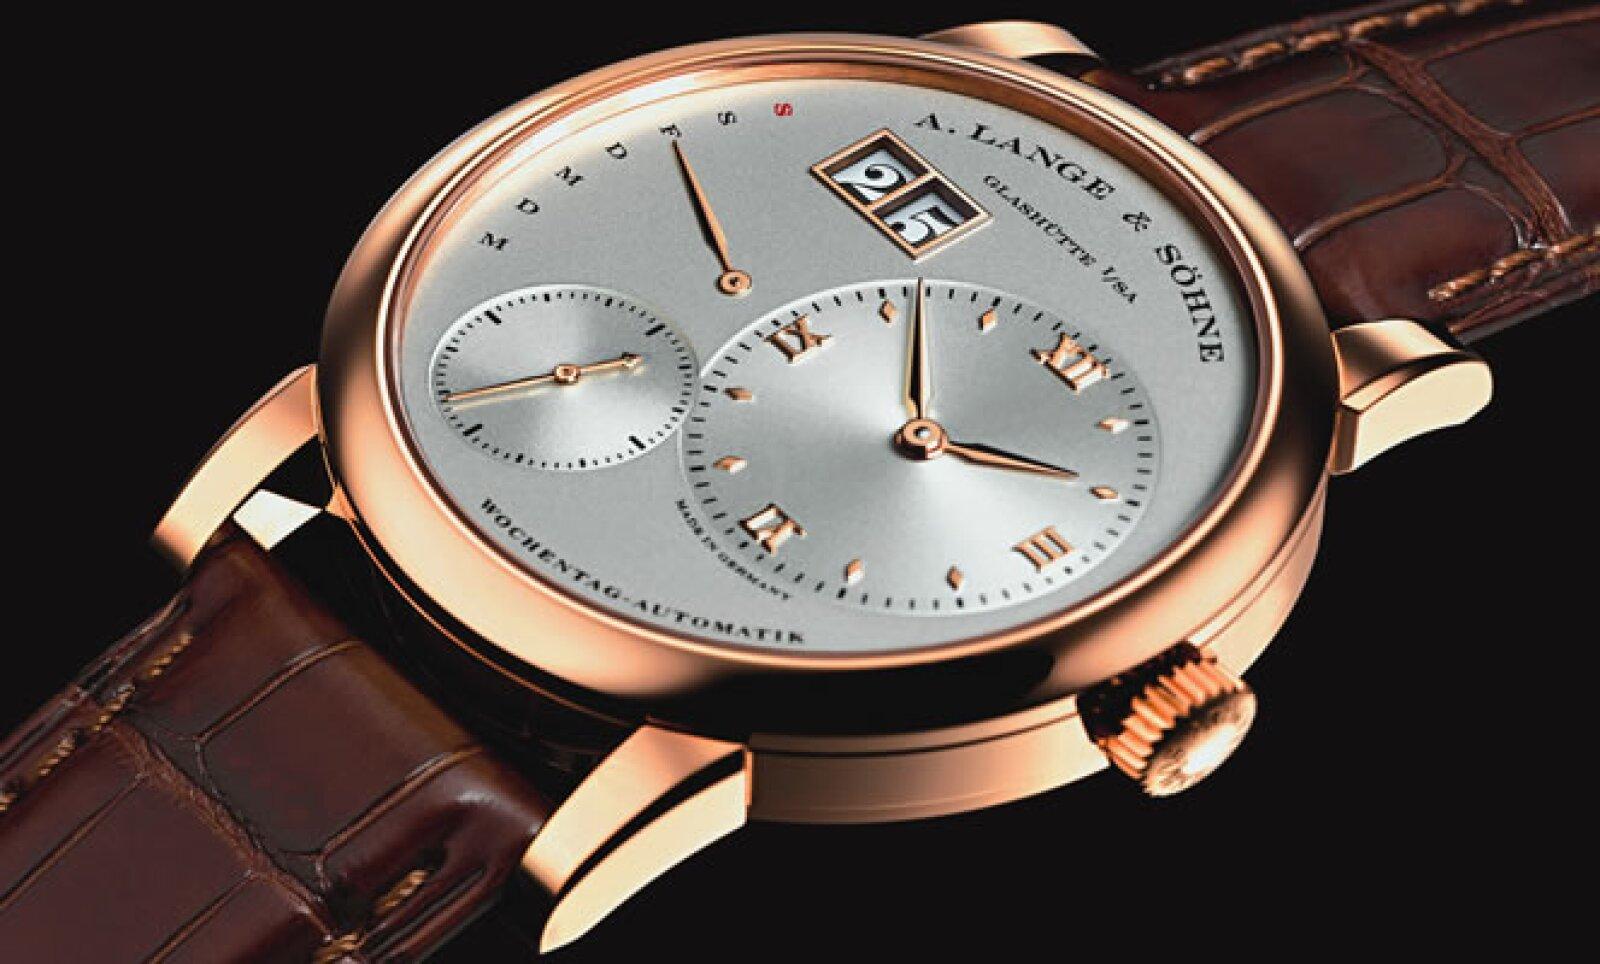 La revista Life & Style estuvo presente en el evento más importante de relojería fina, ahí, la marca alemana A. Lange & Söhne mostró el primer reloj automático de la línea Lange 1, el gran fechador Daymatic, con indicador retrógrado de día de la semana.